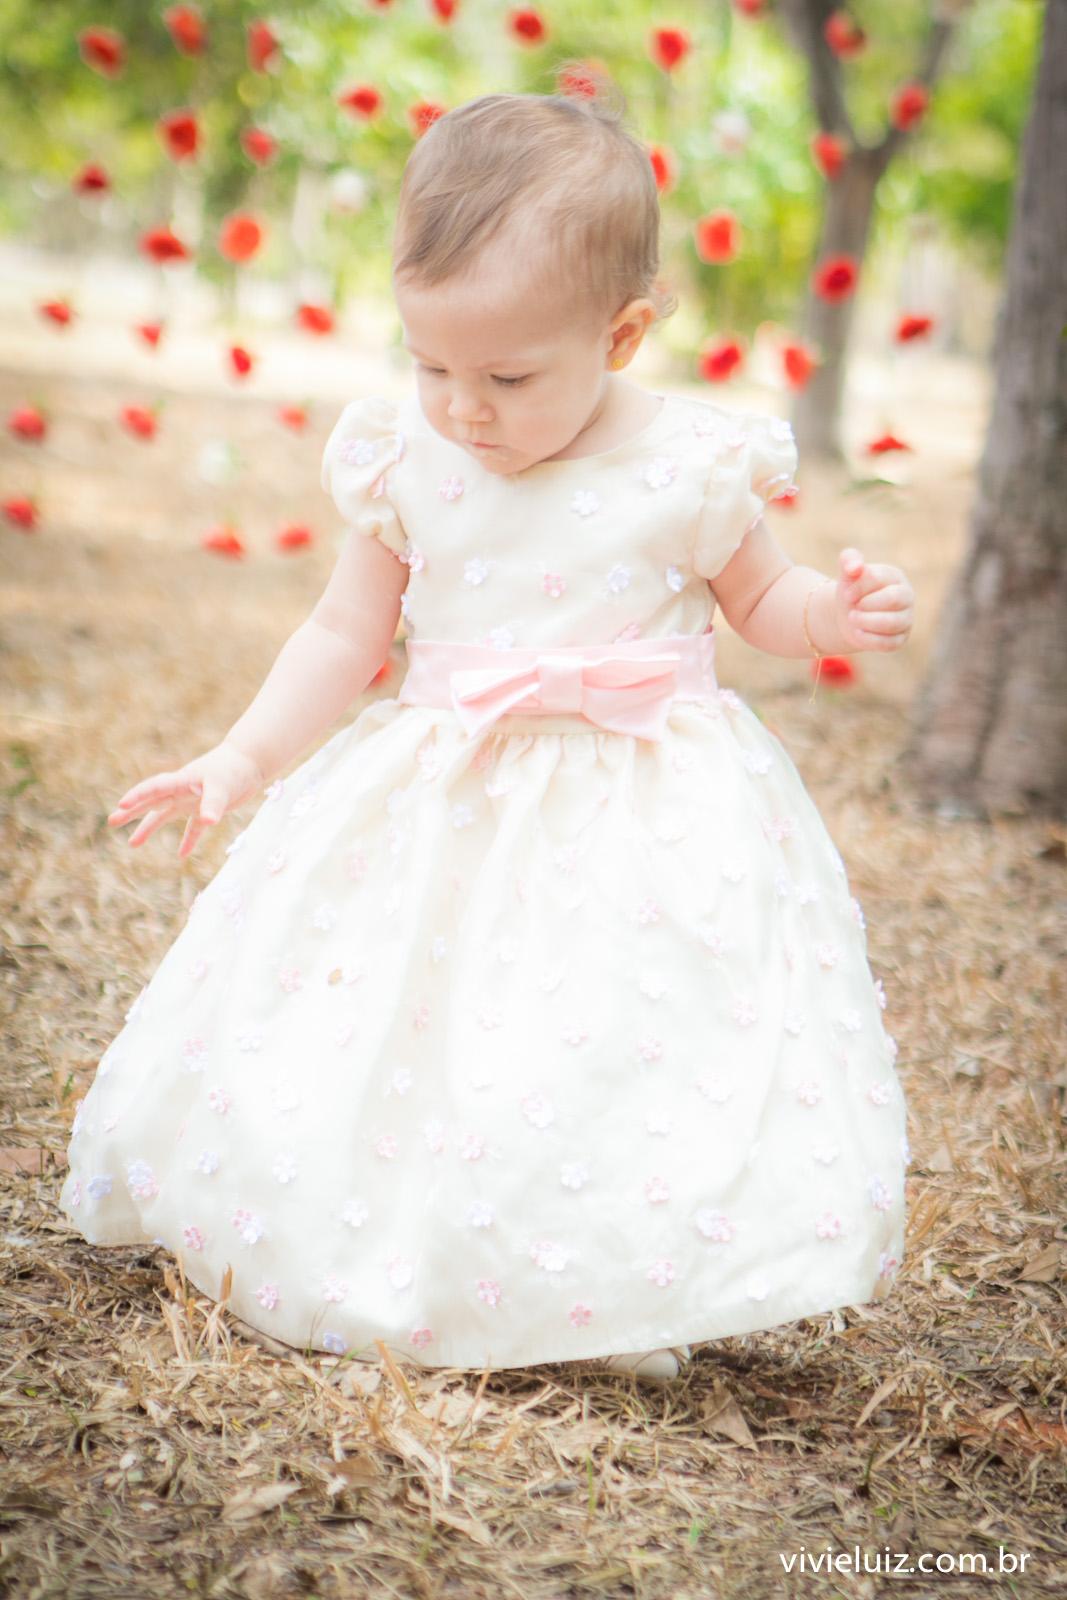 criança com vestido branco e flores ao fundo